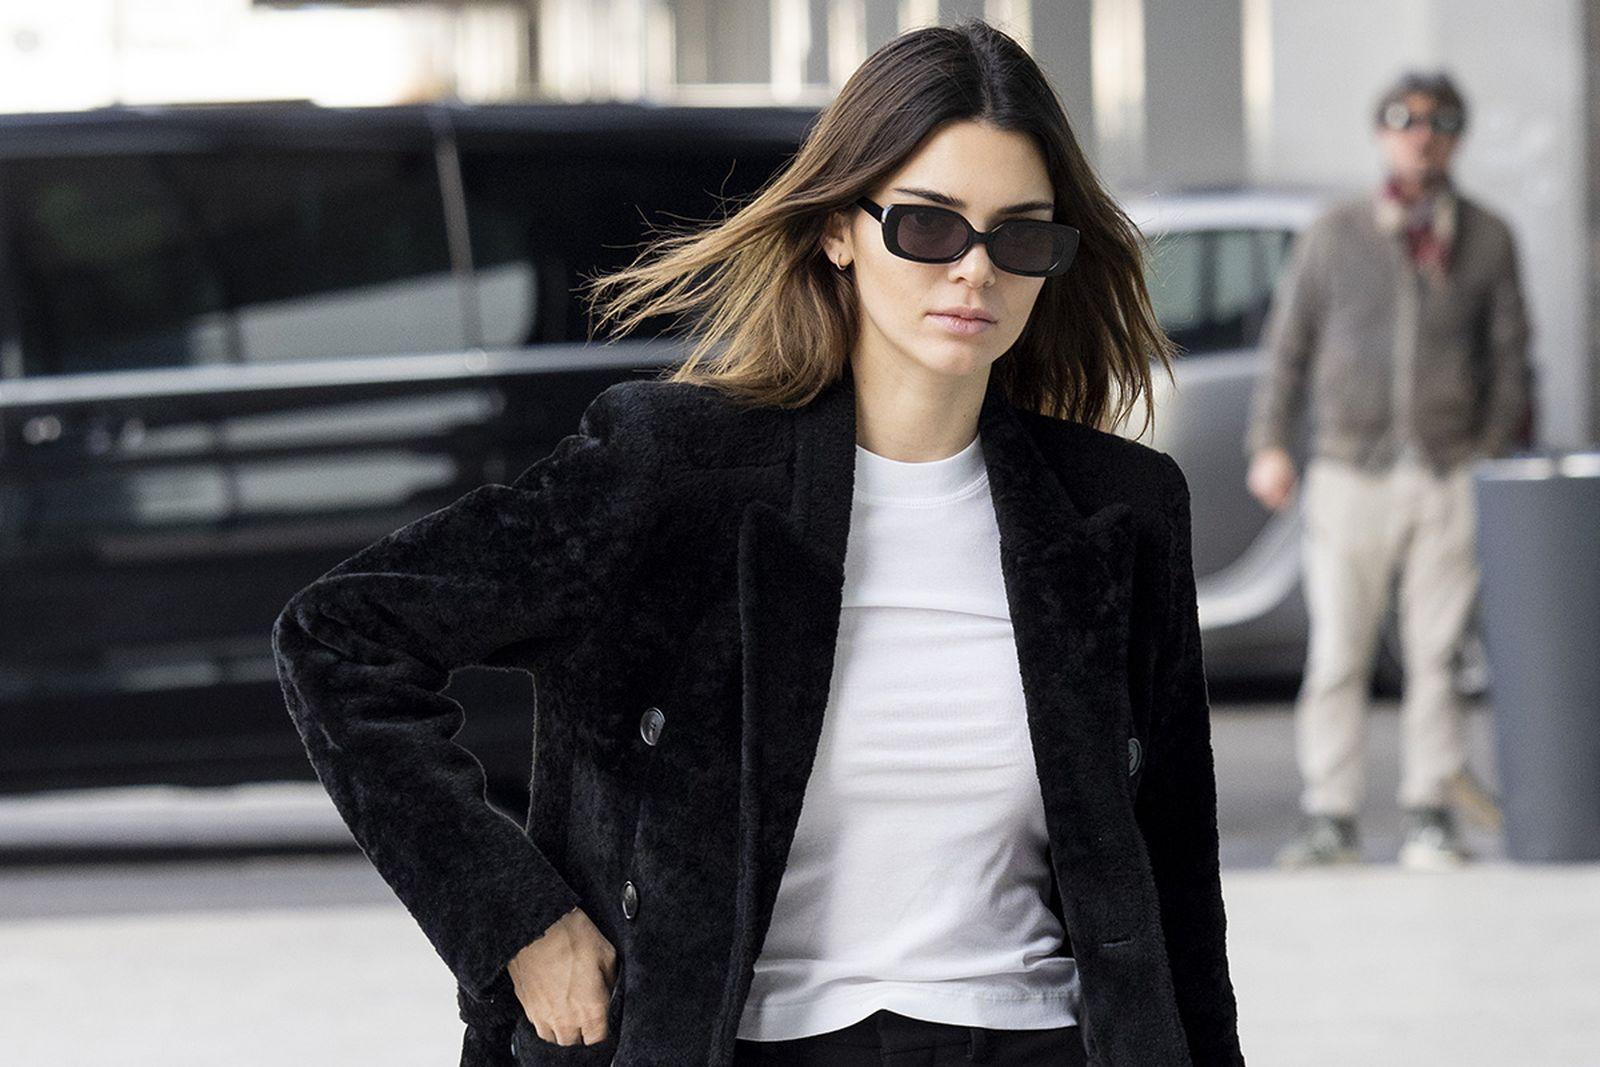 Kendall Jenner is seen during Milan Fashion Week